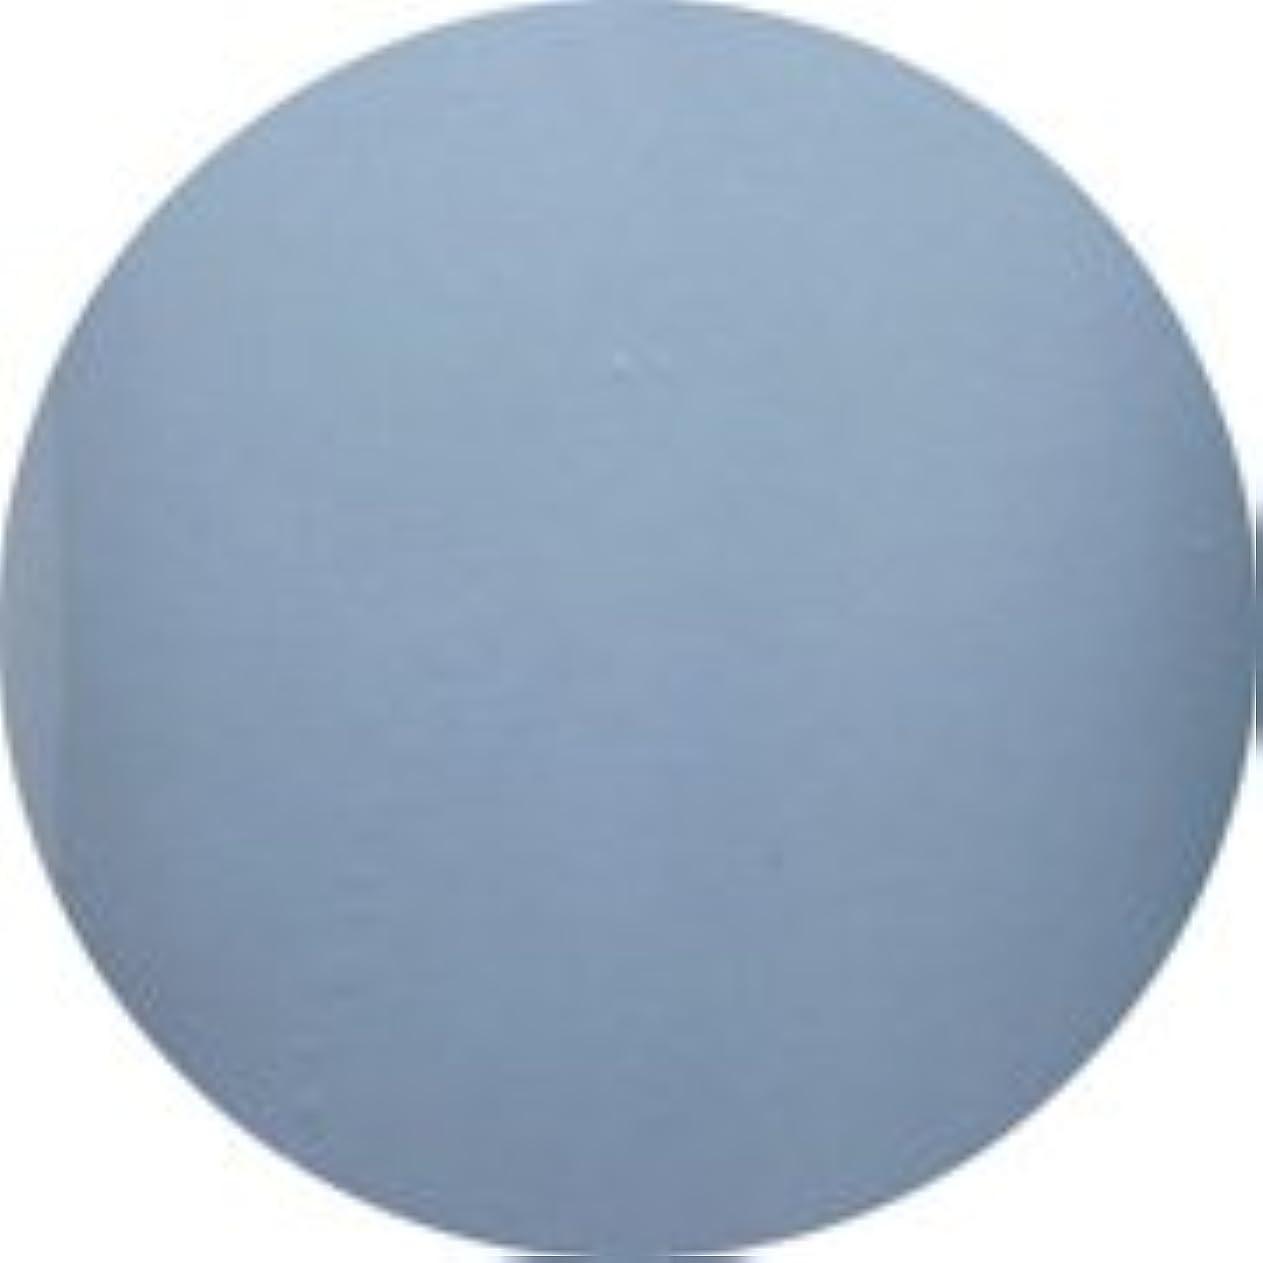 パパ明示的にプール★AMGEL(アンジェル) カラージェル 3g<BR>AG1050 イブルー